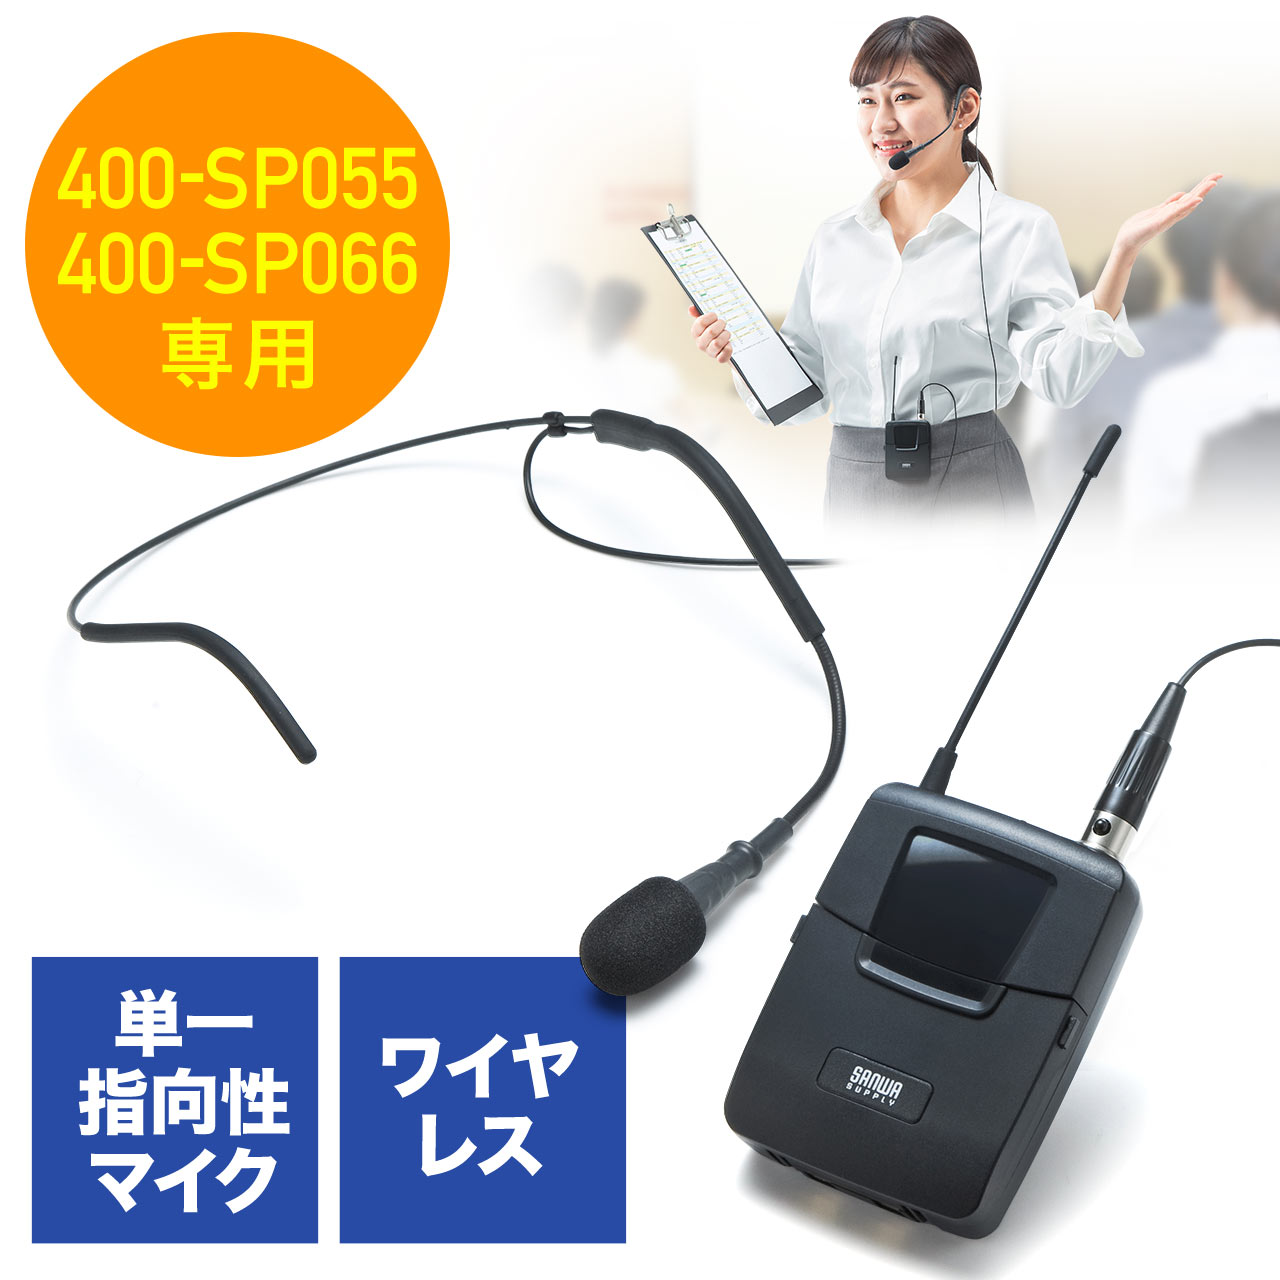 ワイヤレスマイク(ヘッドセット・400-SP055/400-SP066拡声機用・ハンズフリー・ツーピース型) サンワダイレクト サンワサプライ 400-SP075